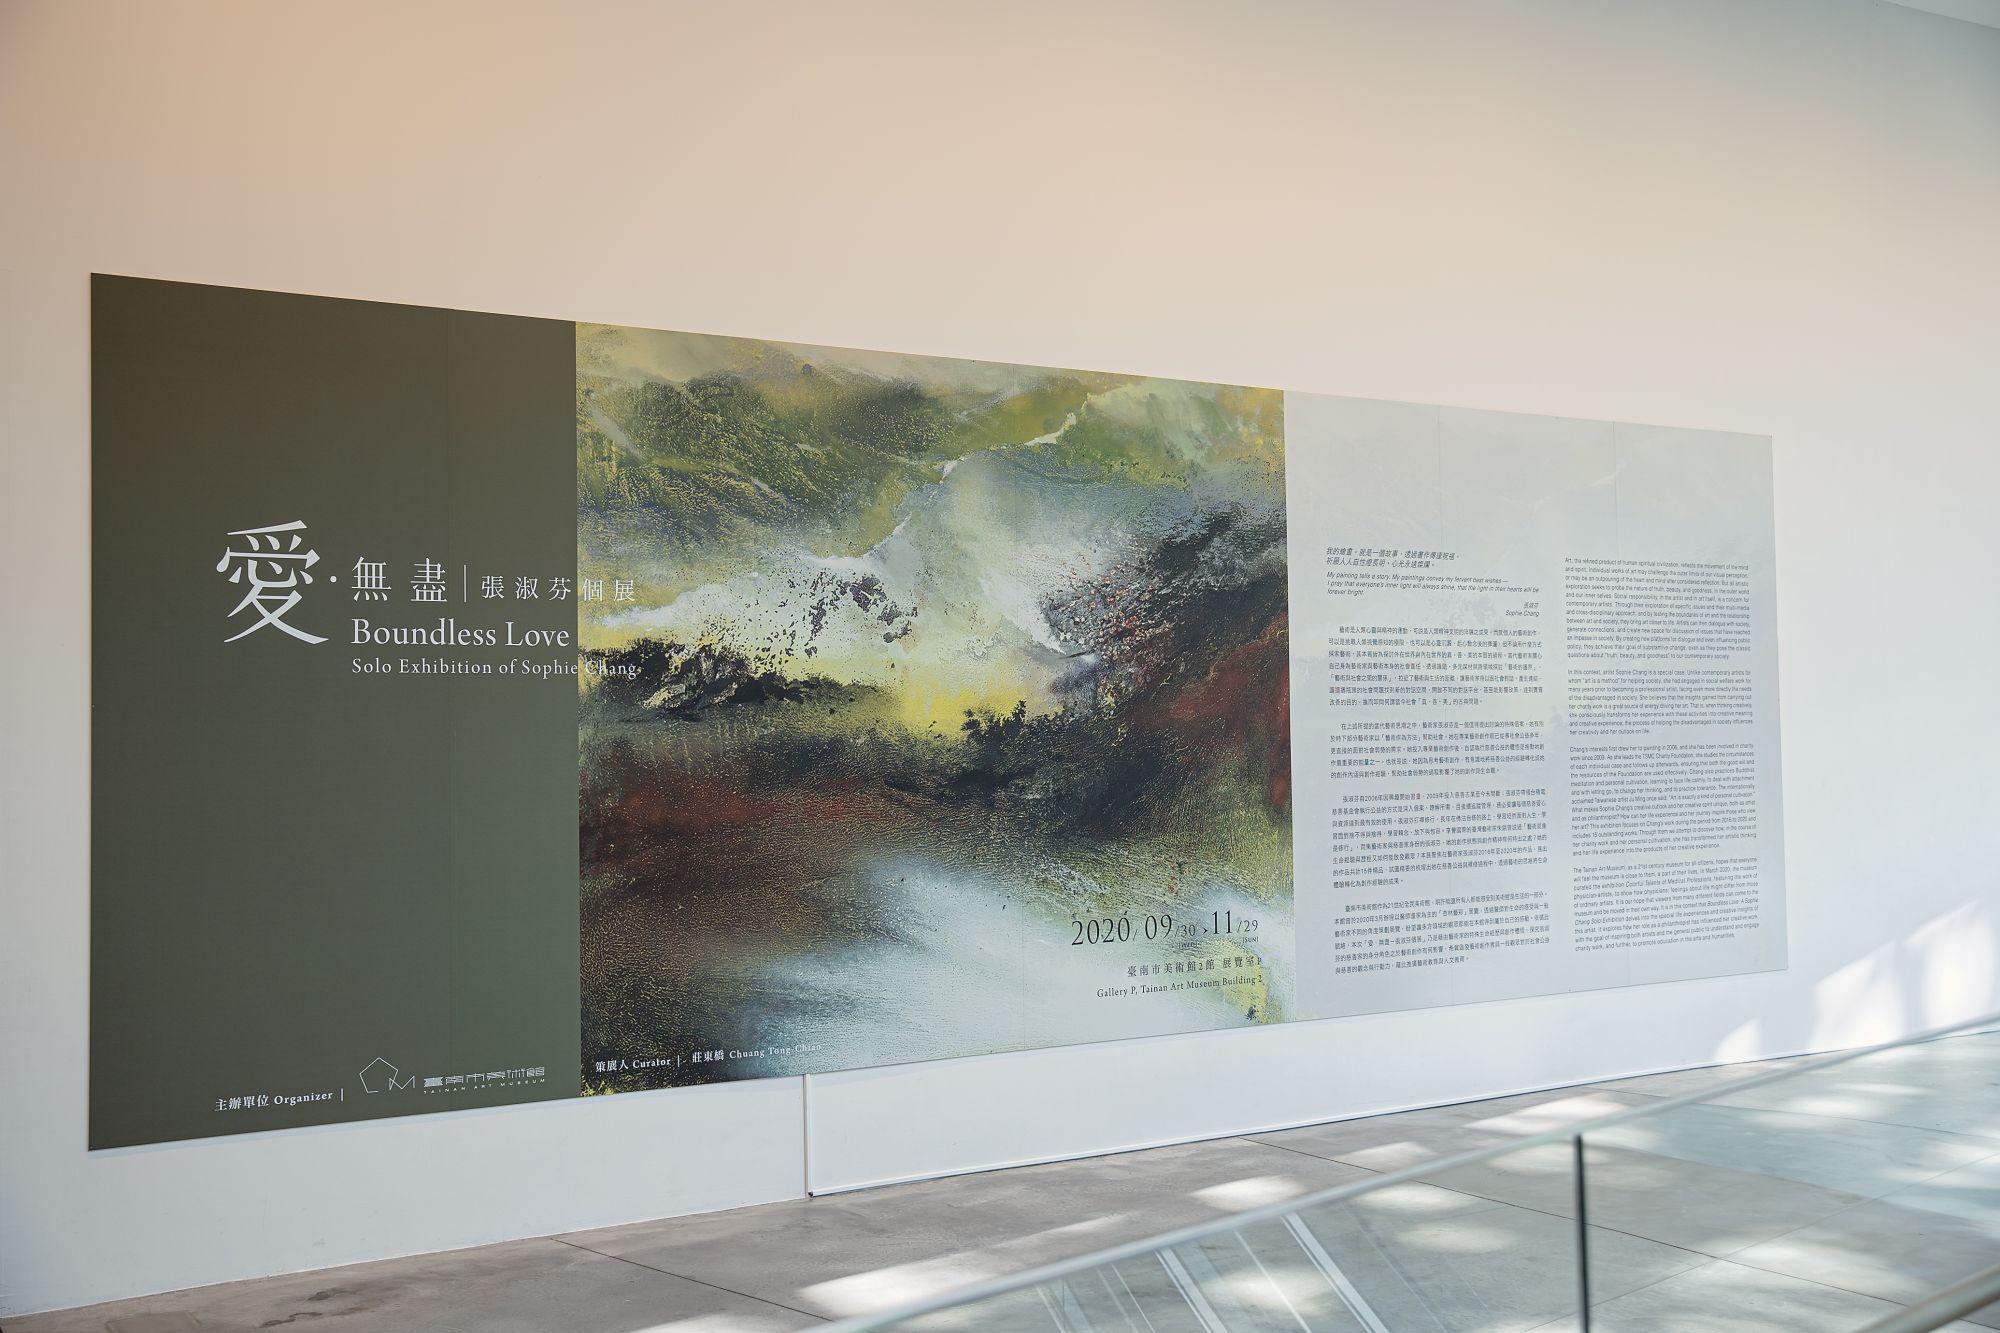 張淑芬首個展《愛.無盡》台南市美術館登場!從慈善家到藝術家 張淑芬用畫筆讓愛流轉世間無盡